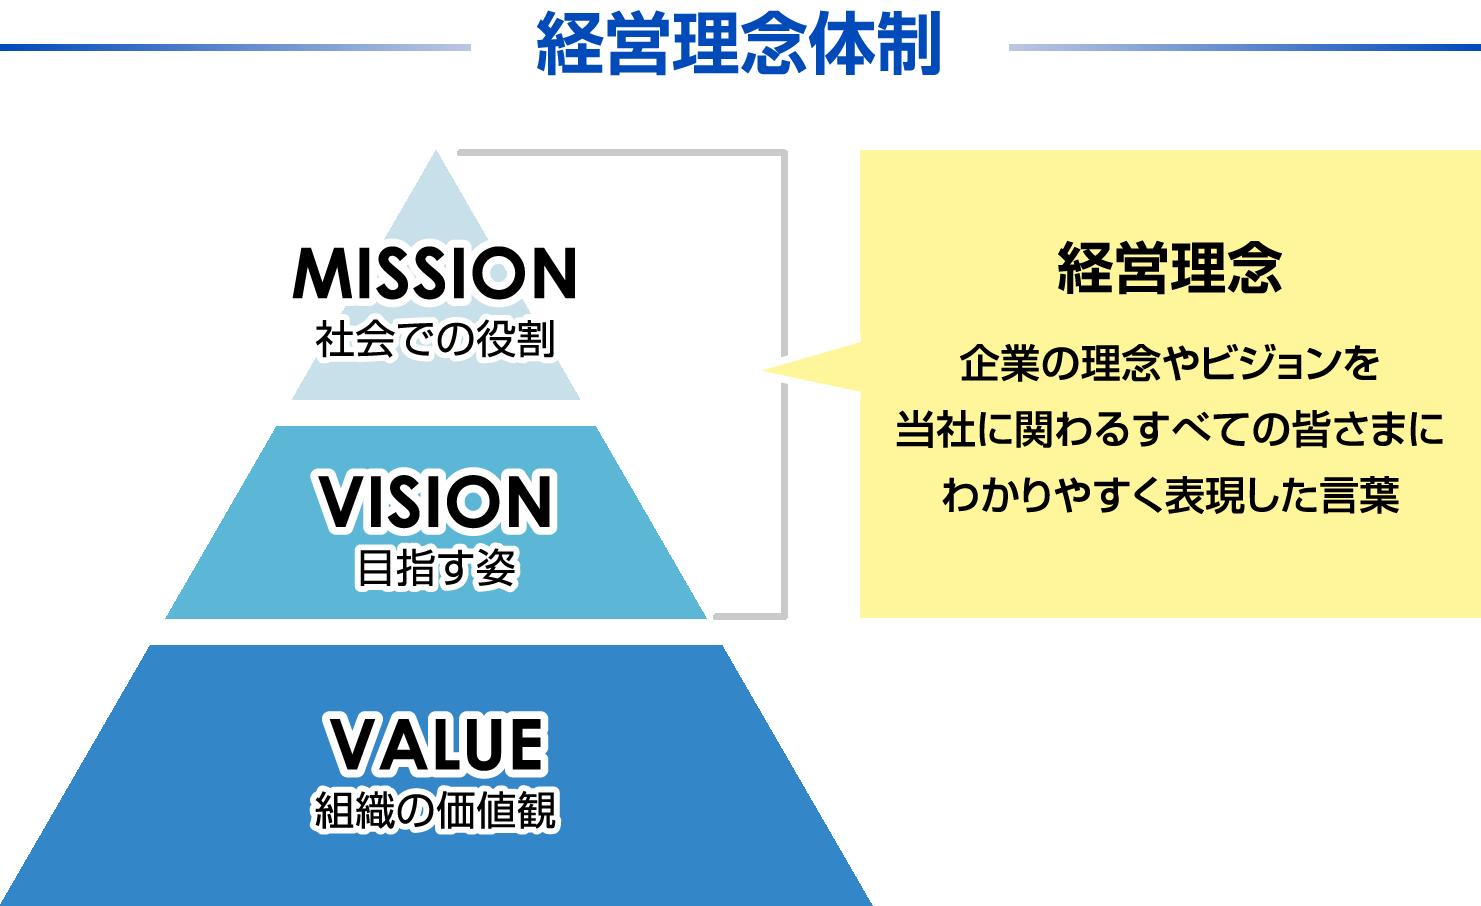 経営理念体制 MISSION 社会での役割 VISION 目指す姿 VALUE 組織の価値観 経営理念 企業の理念やビジョンを当社に関わるすべての皆さまにわかりやすく表現した言葉